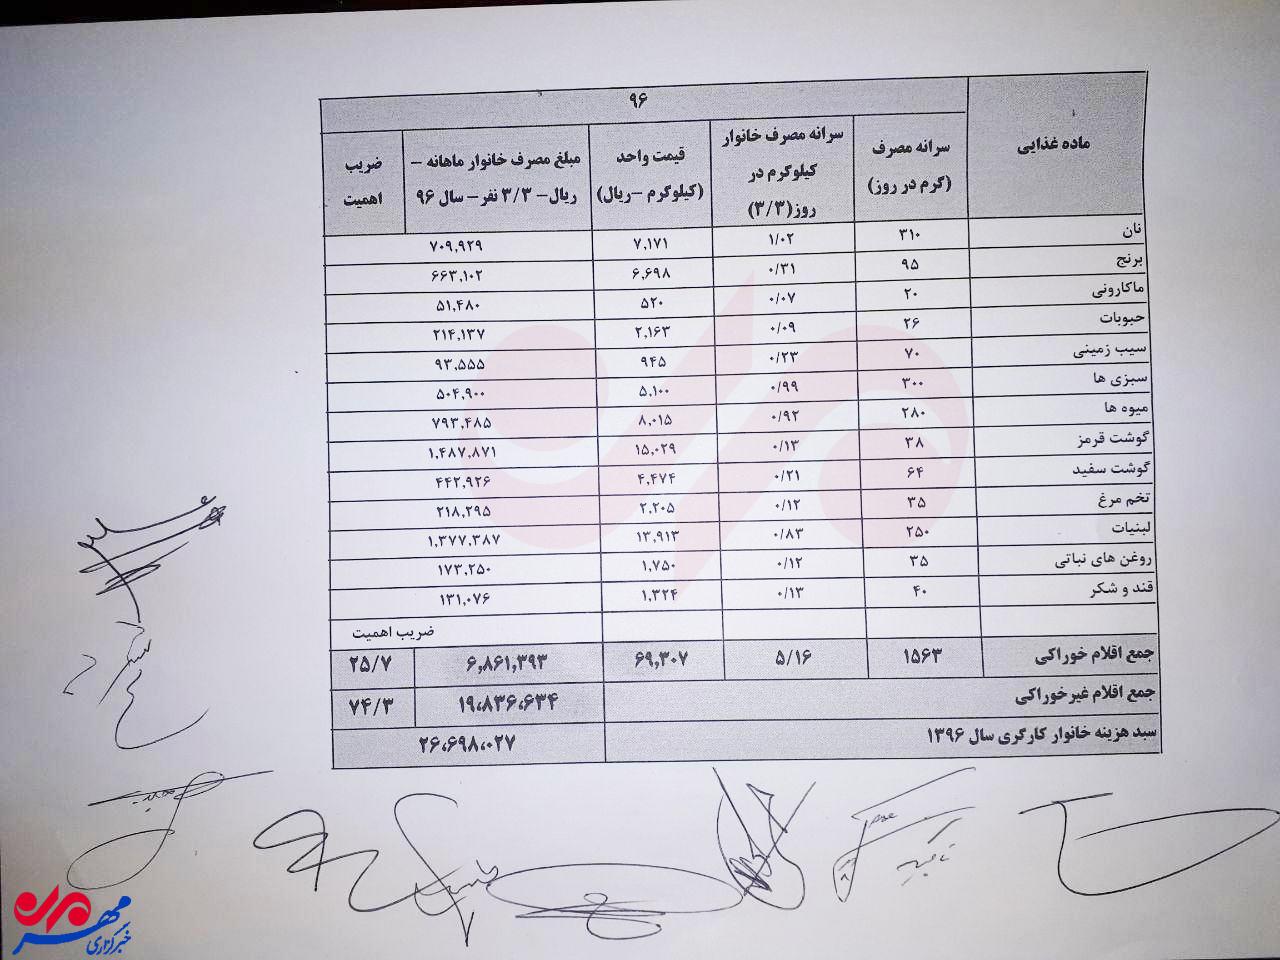 مهر جدول مصوب شورای عالی کار را منتشر کرد؛ جزئیات هزینه 2.7 میلیونی معیشت خانوار/فاصله مزد تا هزینه 1.6 میلیون شد